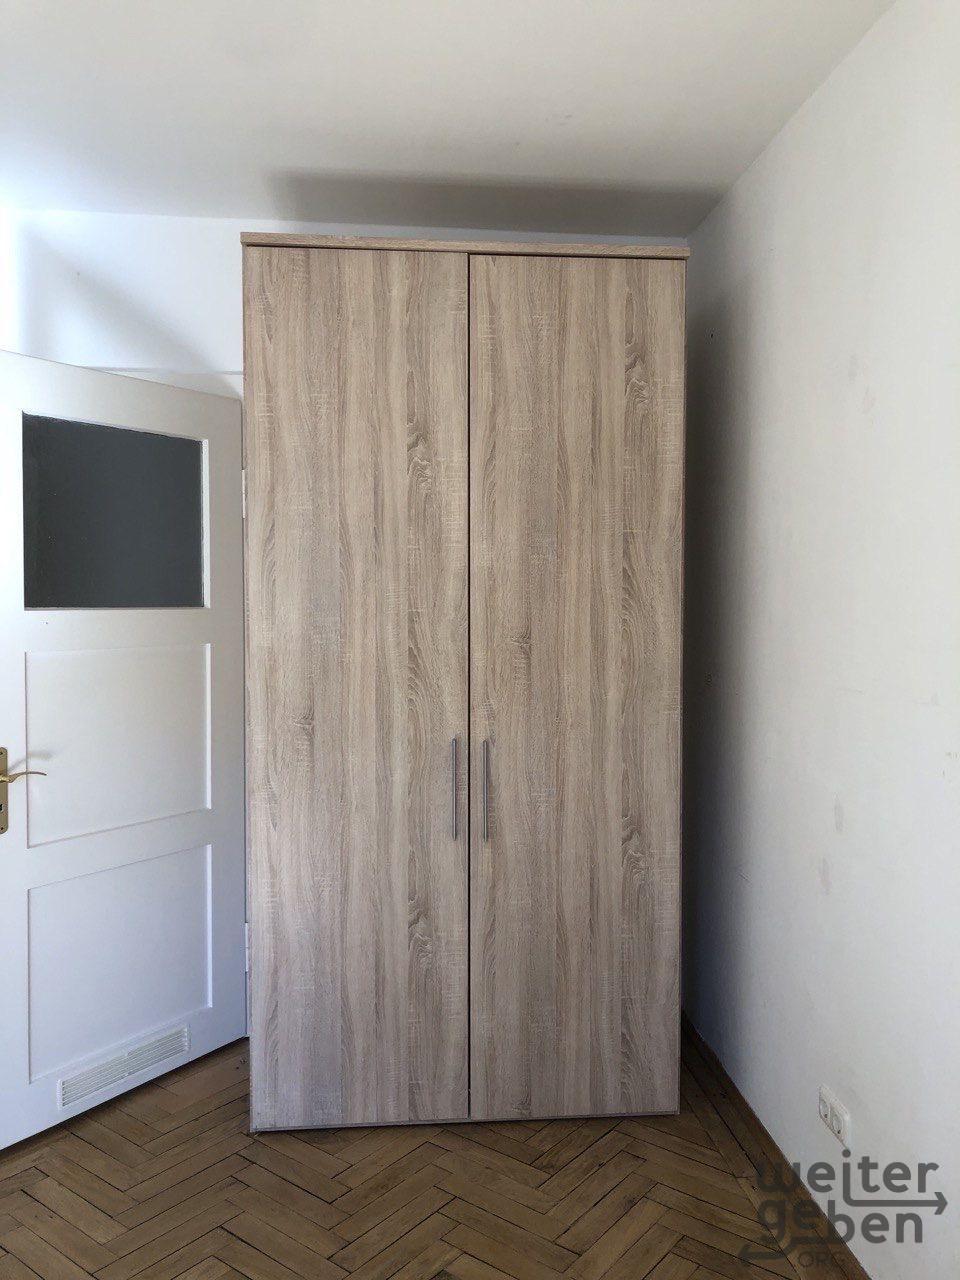 Kleiderschrank 2,4m hoch in München